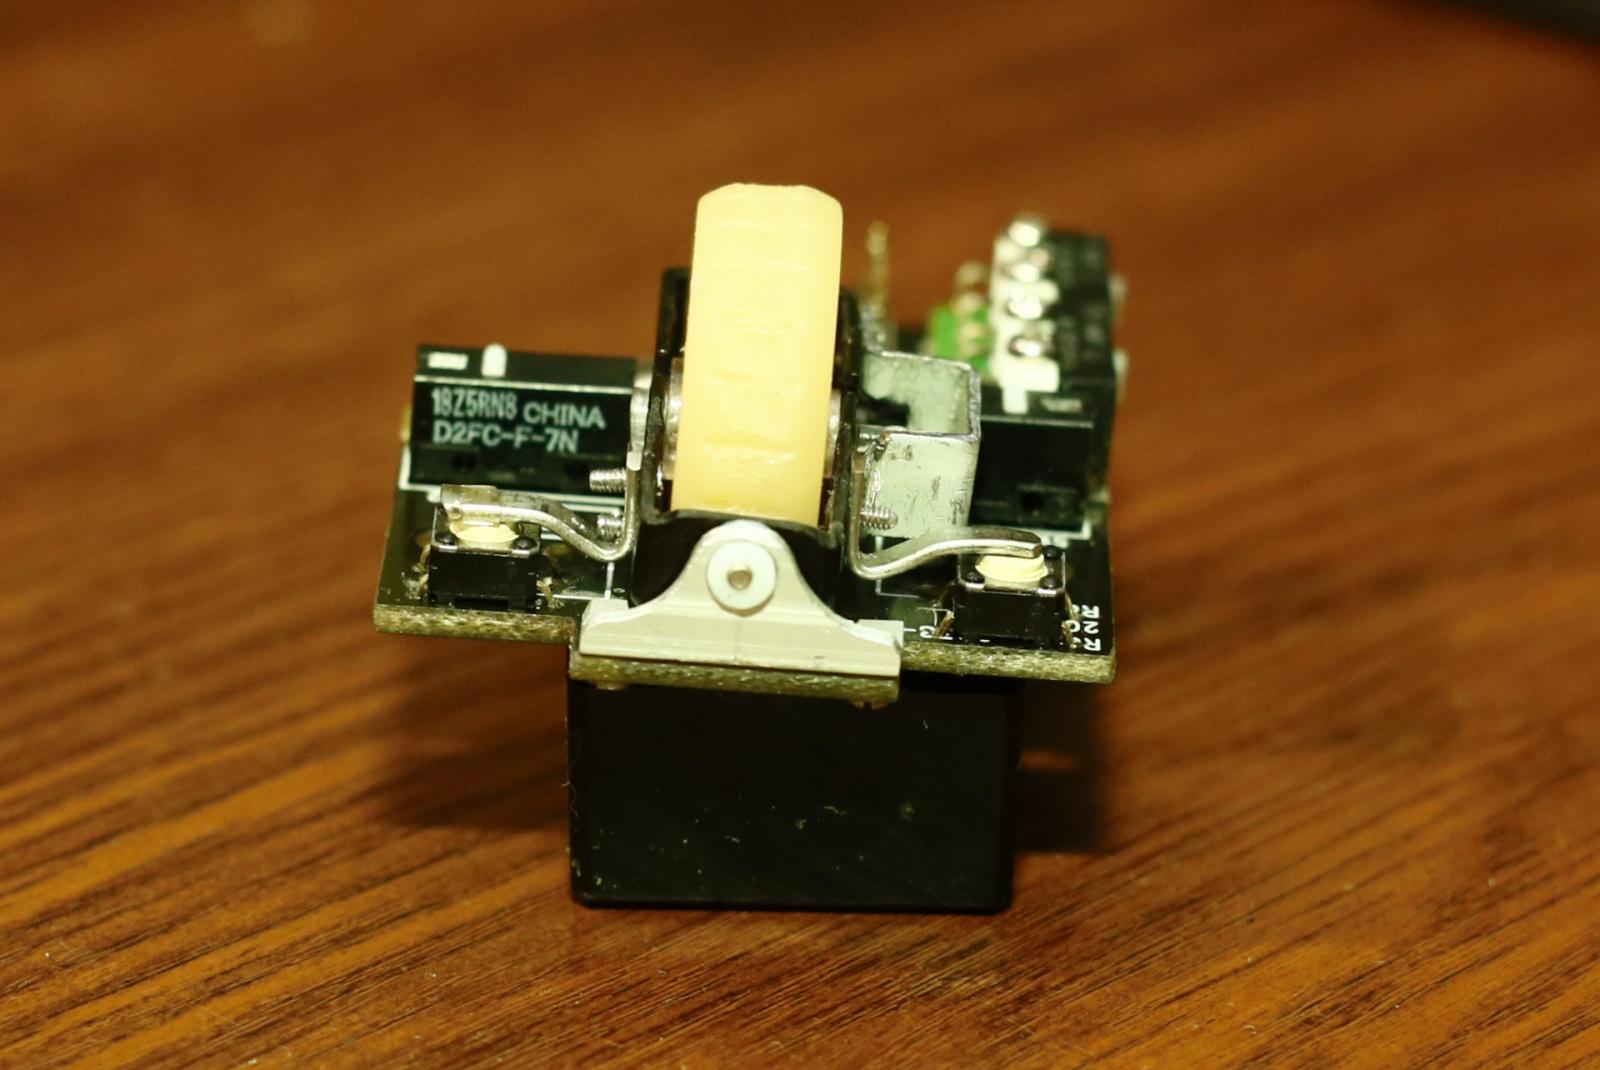 Модернизация мыши — добавление наклонов колеса, замена электроники - 15